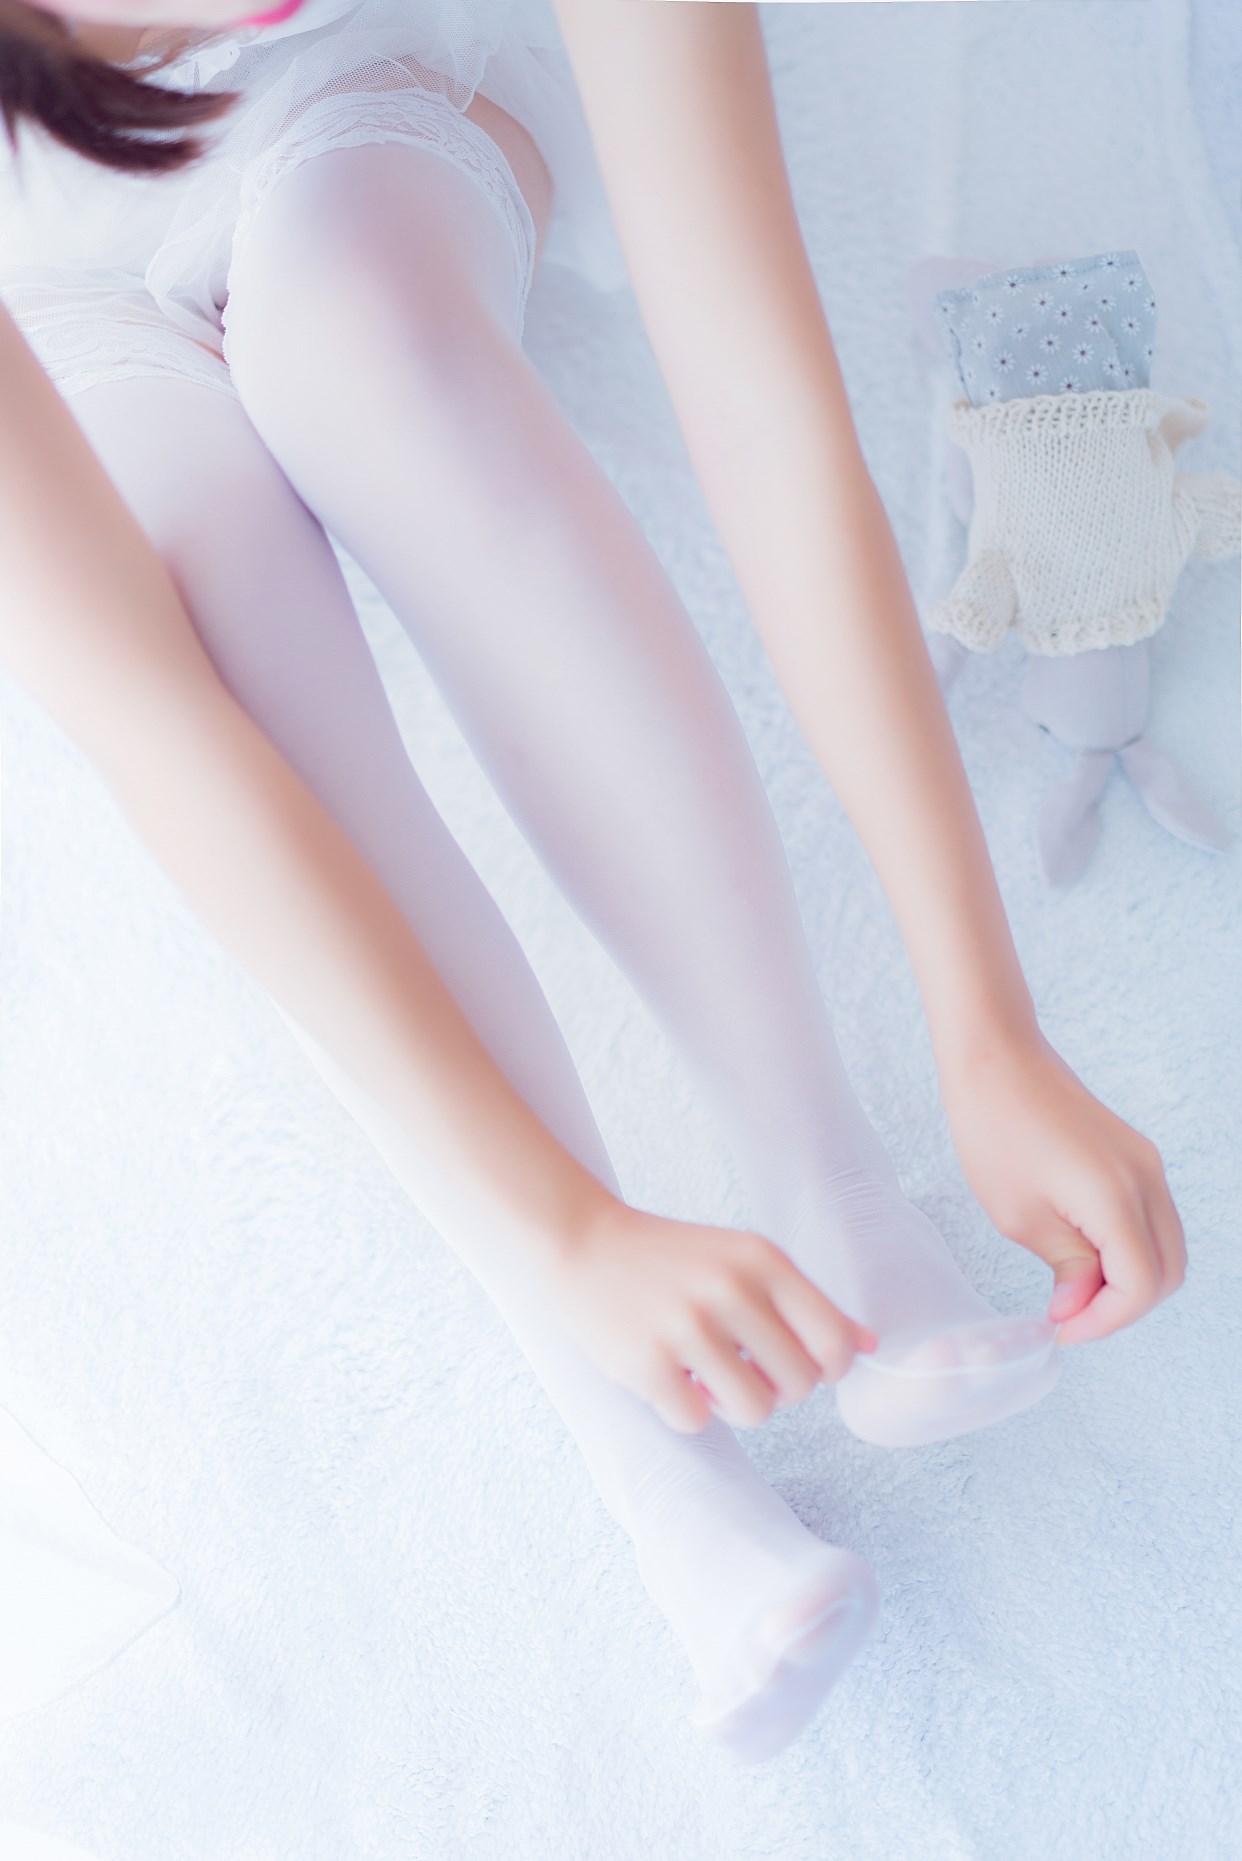 【兔玩映画】vol.12-吊带睡衣 兔玩映画 第12张